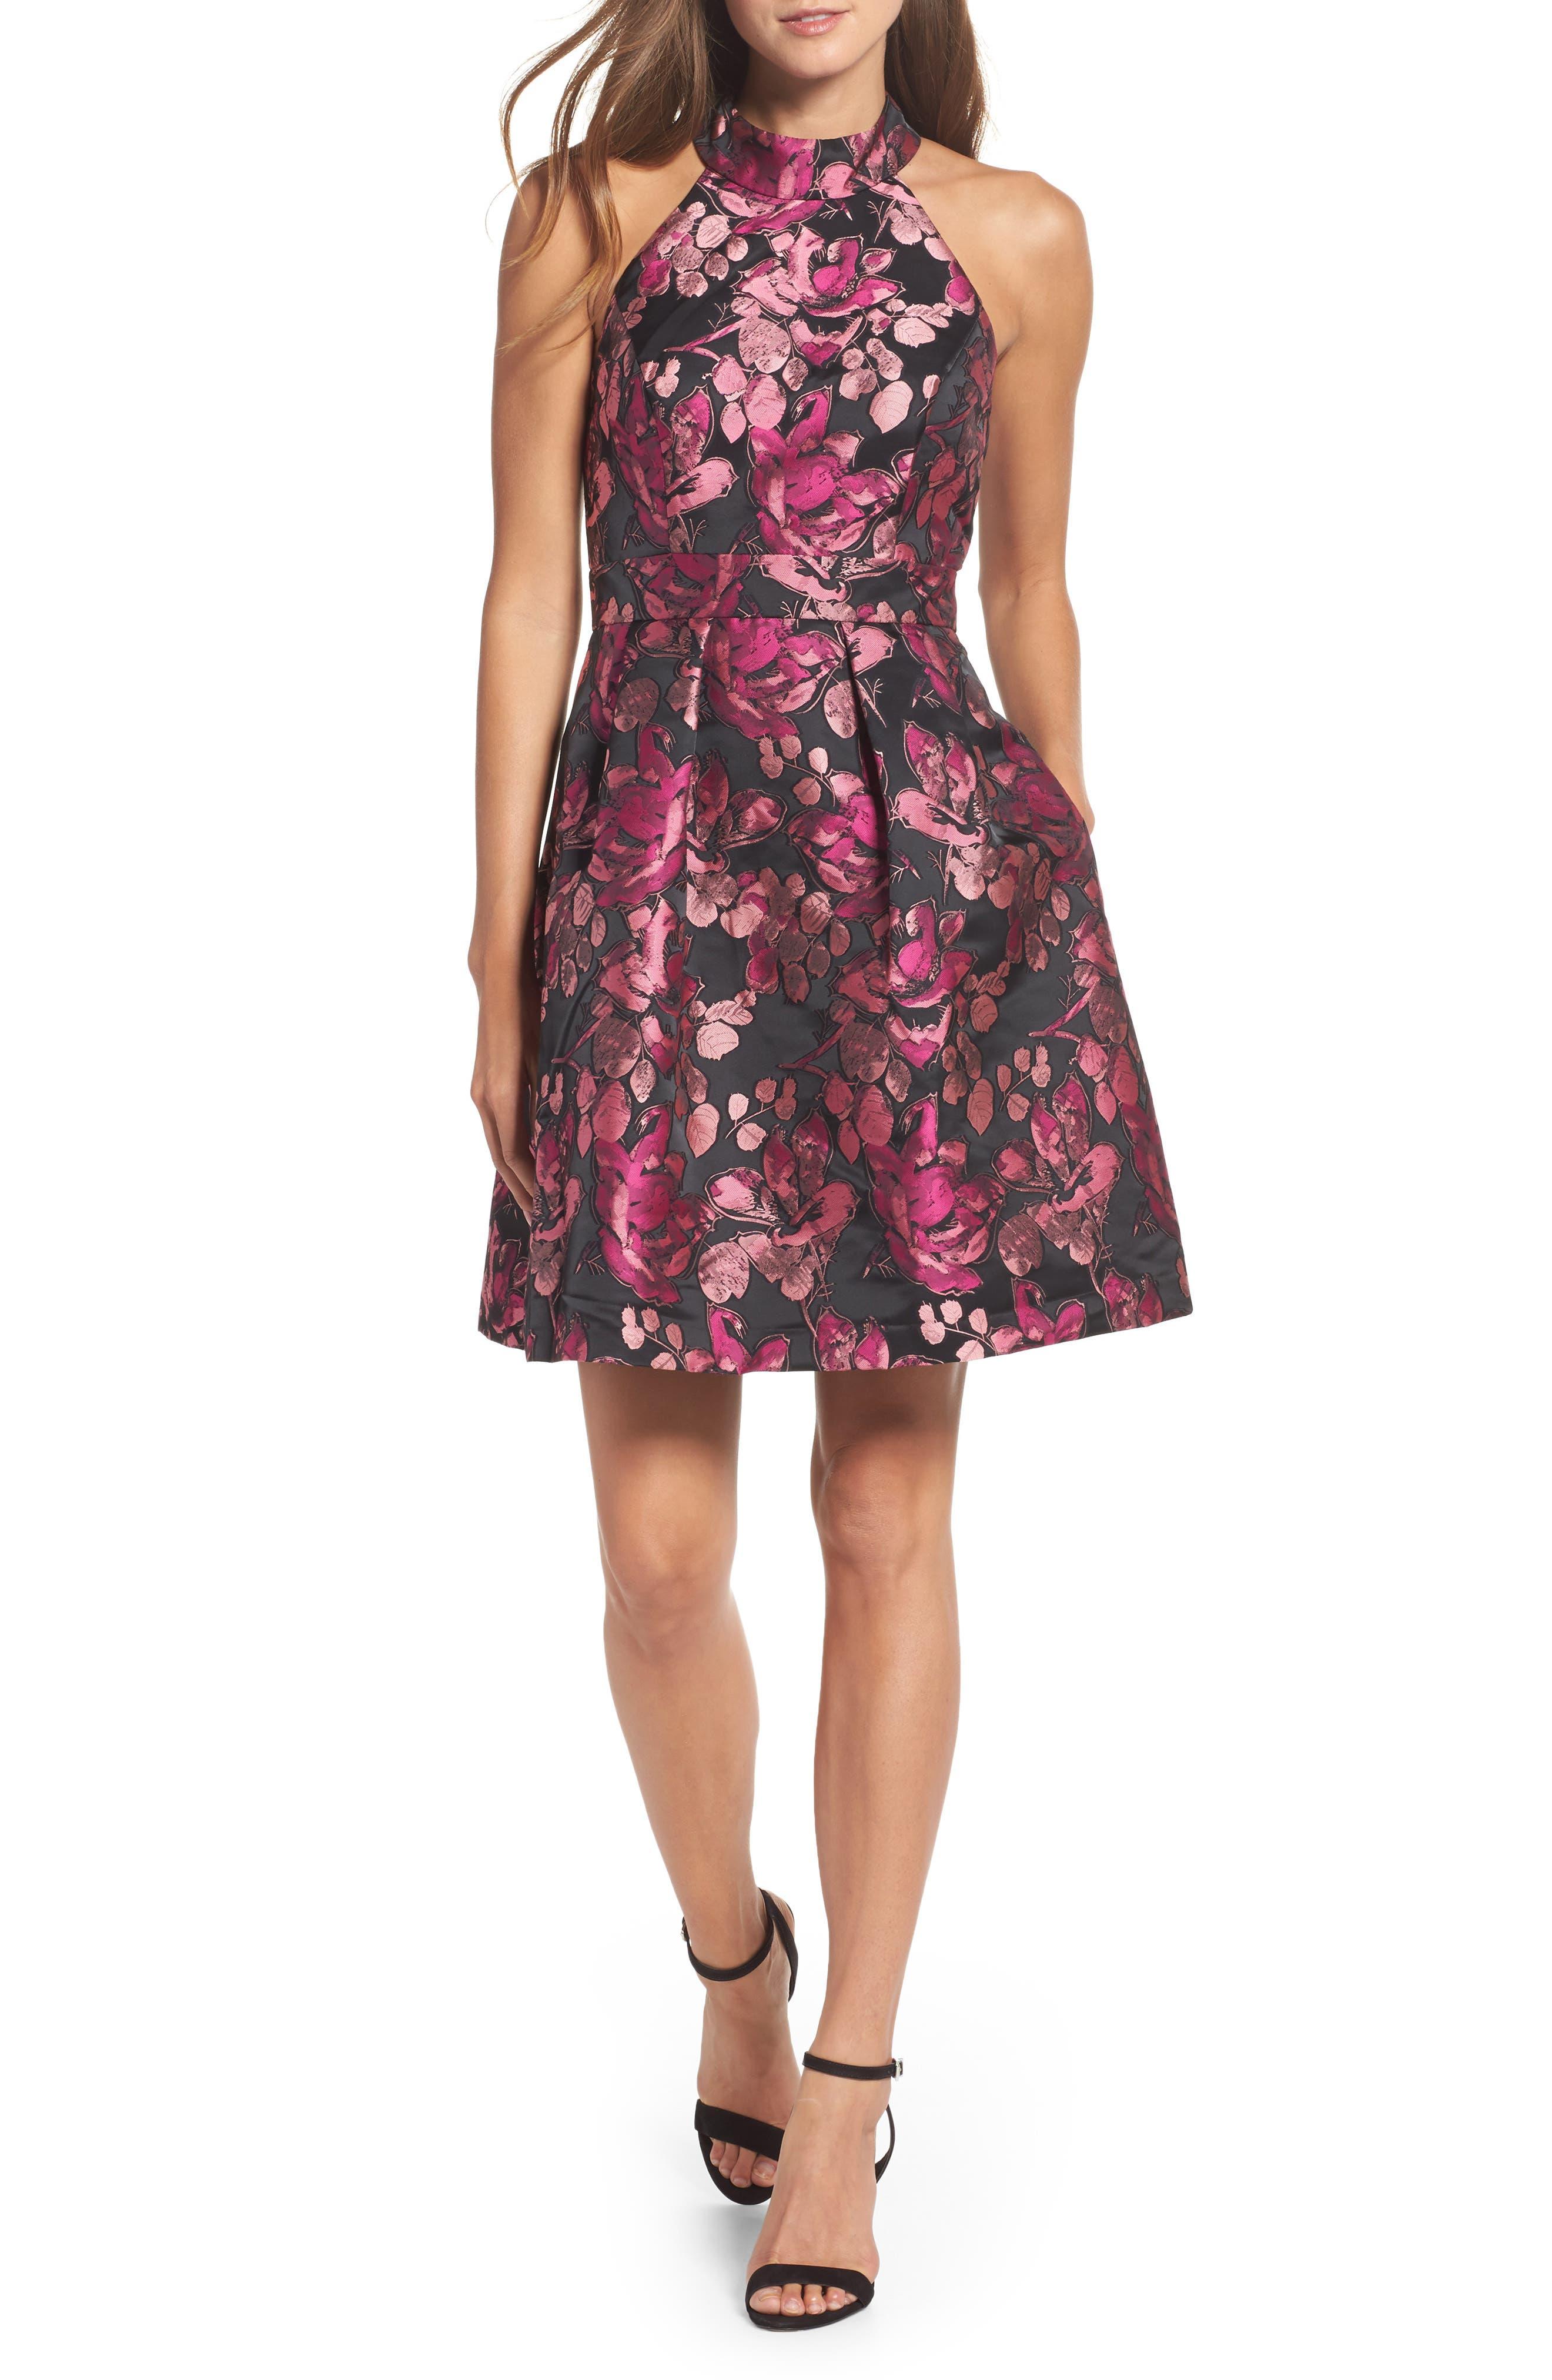 Alternate Image 1 Selected - Eliza J Floral Halter Fit & Flare Dress (Regular & Petite)